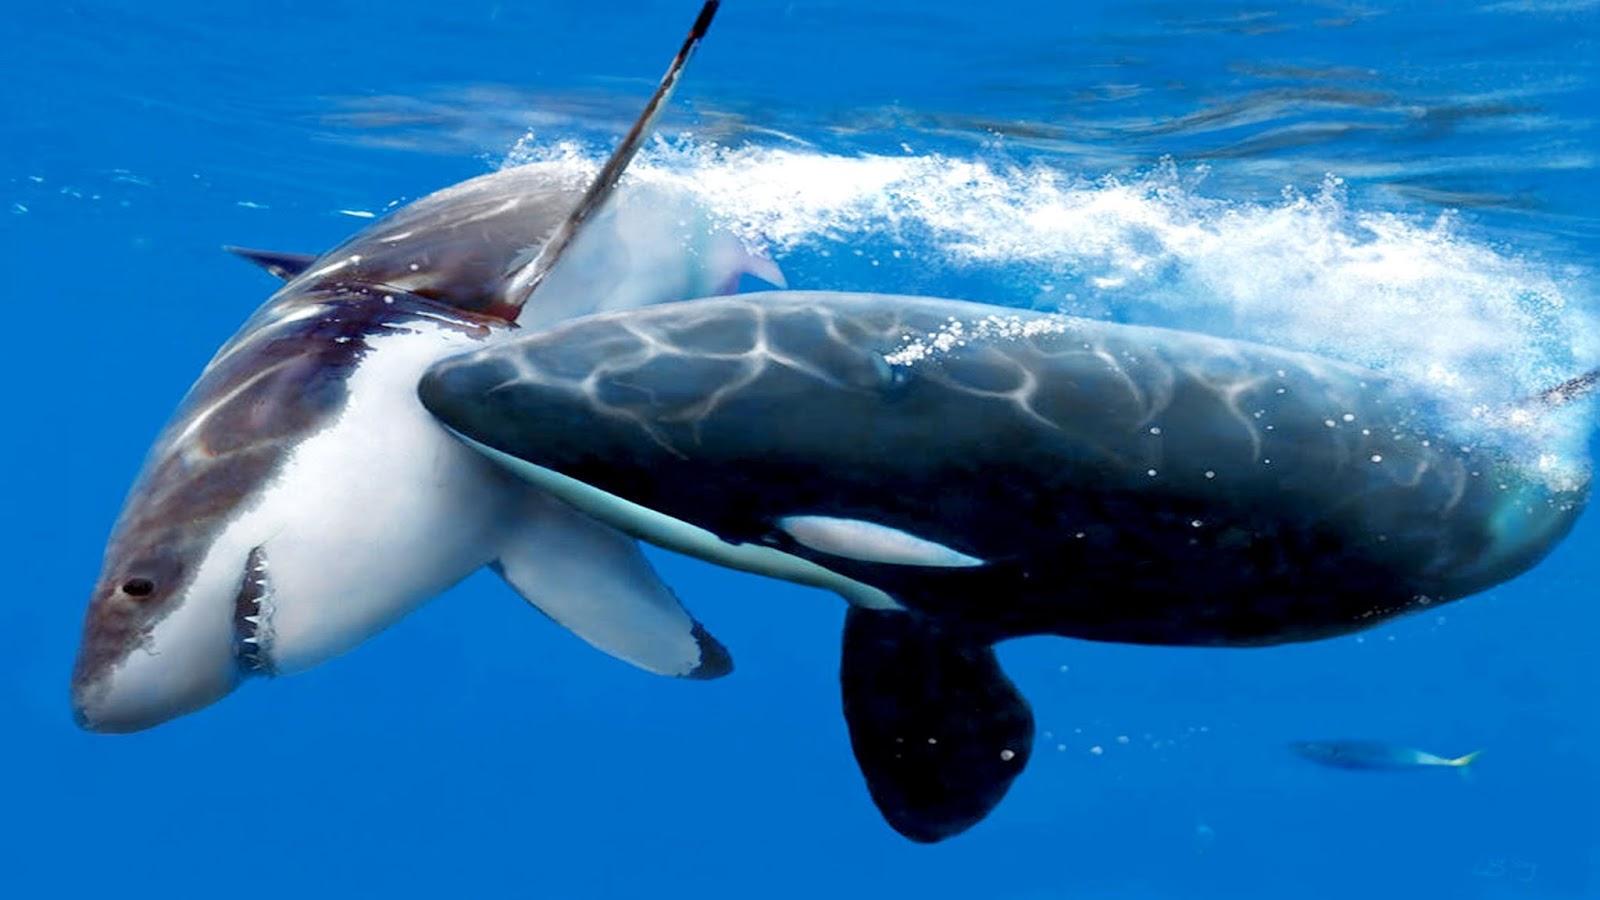 orca_atacando_tubar_o_branco.jpg